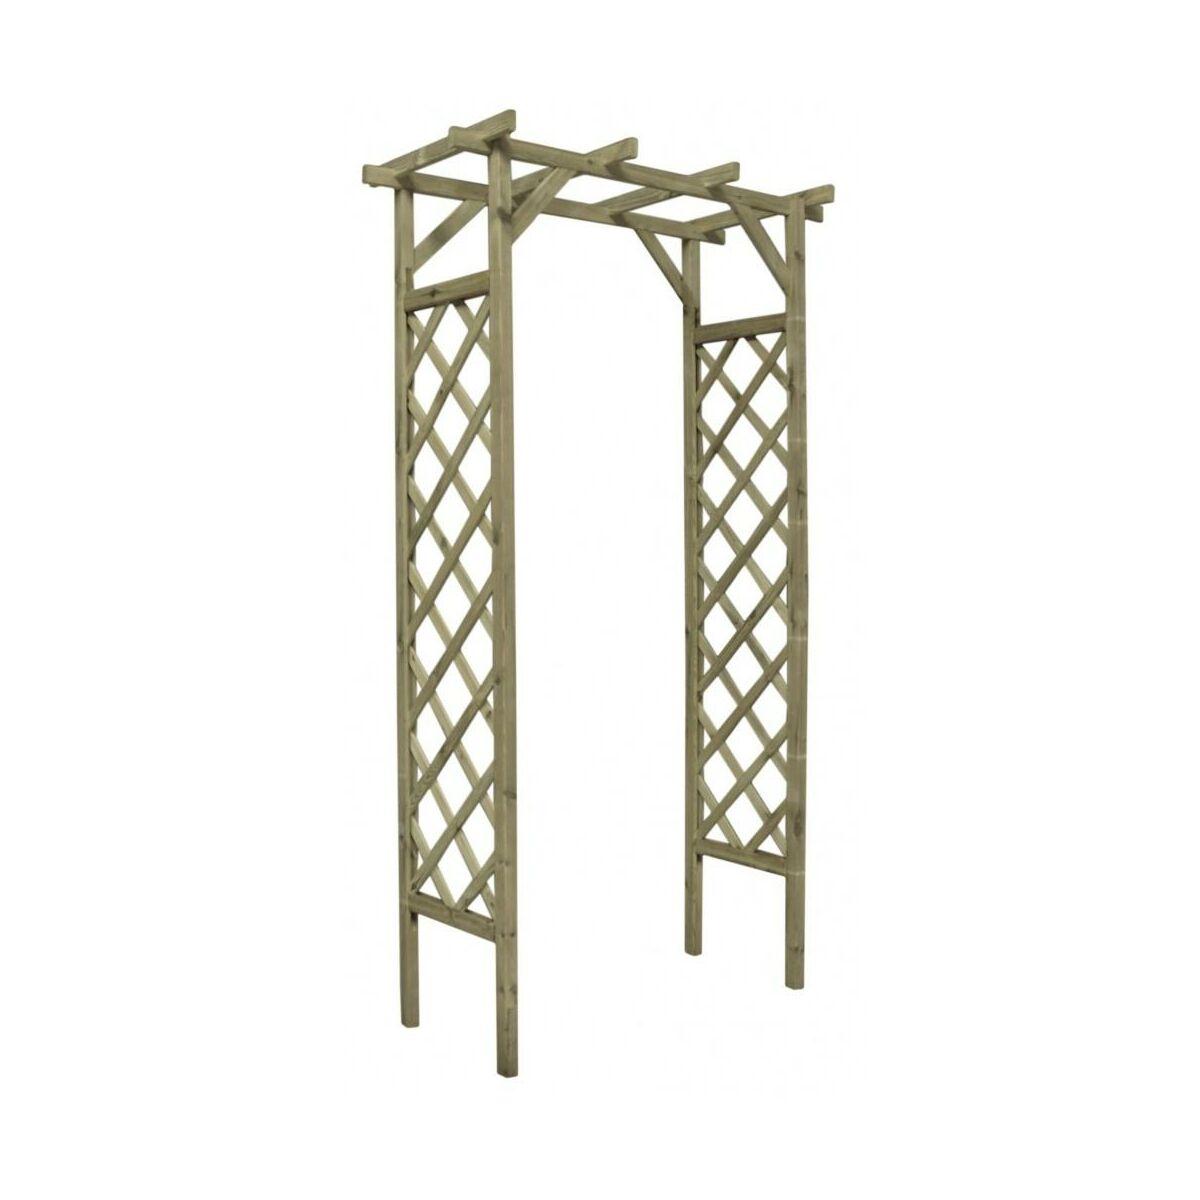 Pergola Ogrodowa 120 X 60 X 212 Cm Drewniana Stelmet Pergole W Atrakcyjnej Cenie W Sklepach Leroy Merlin